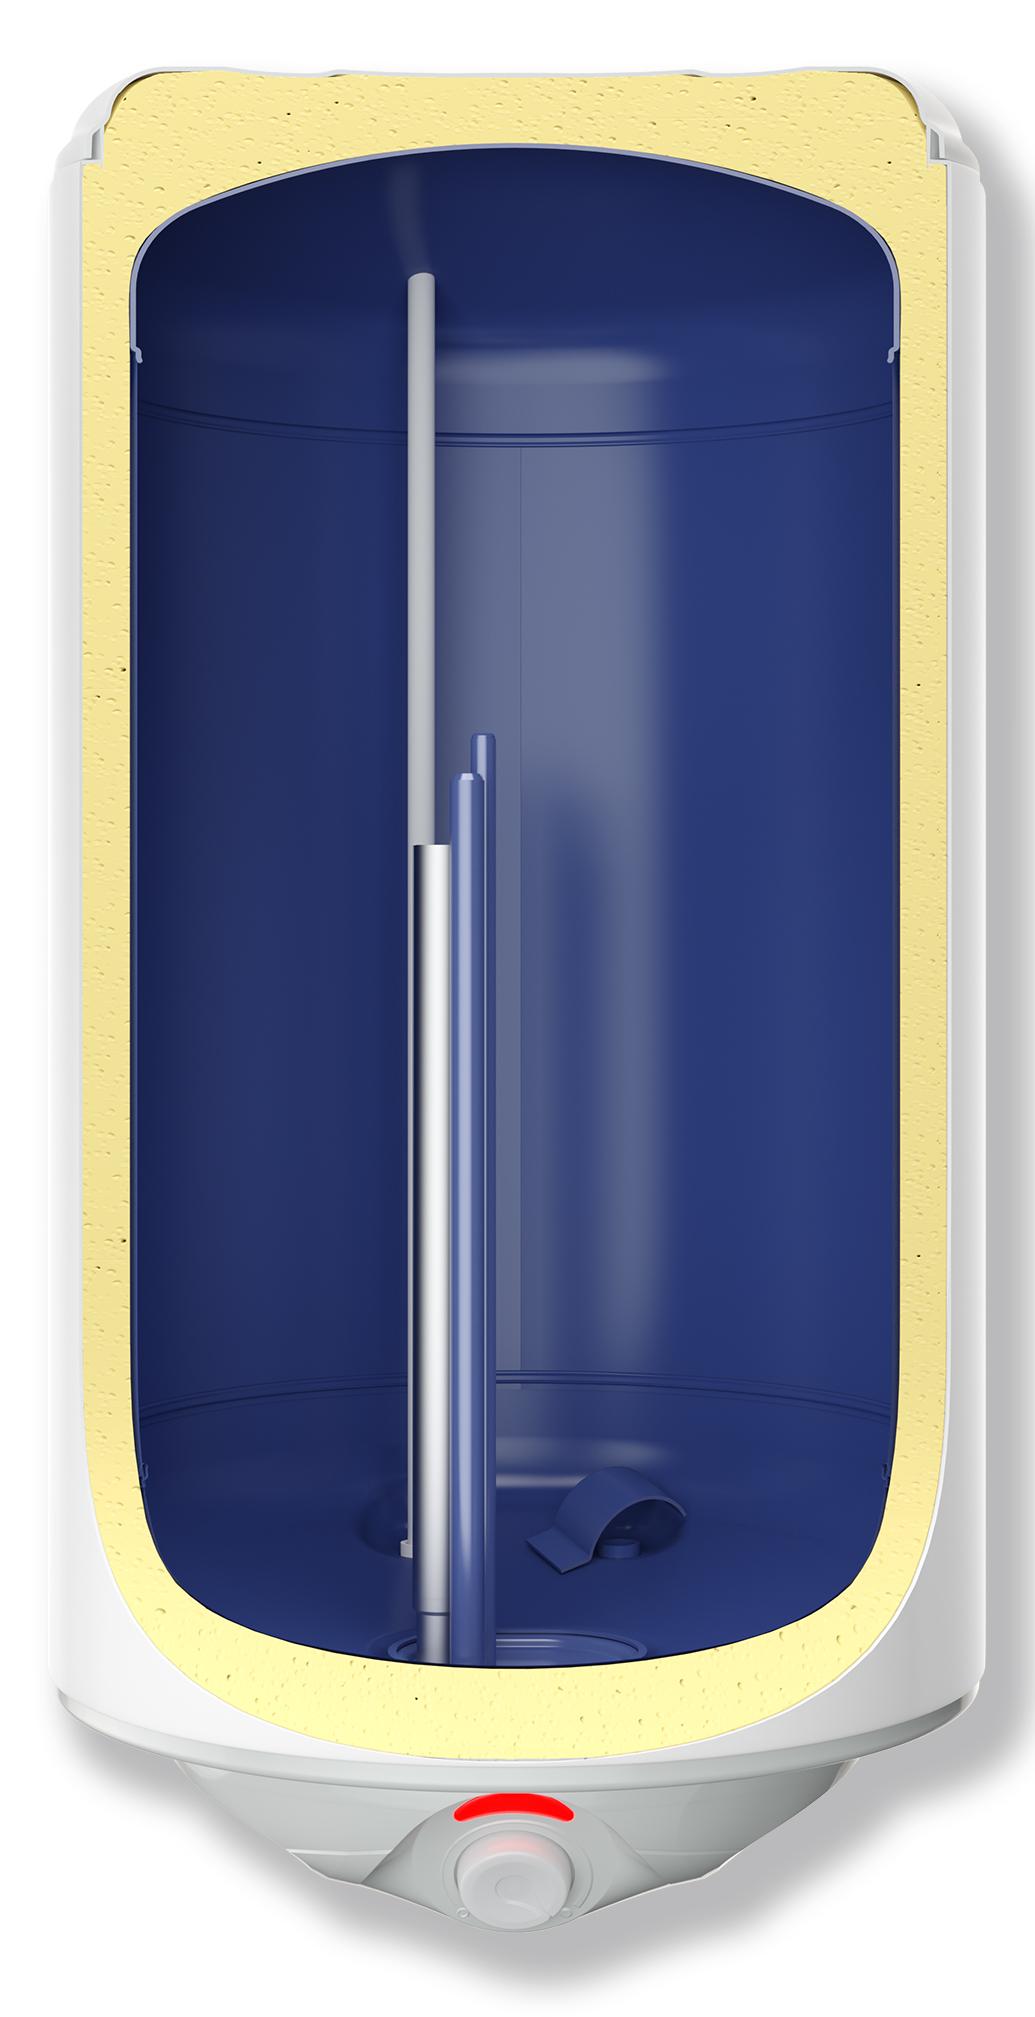 Warmwasserspeicher Eldom Style Dry 50 Liter druckfest